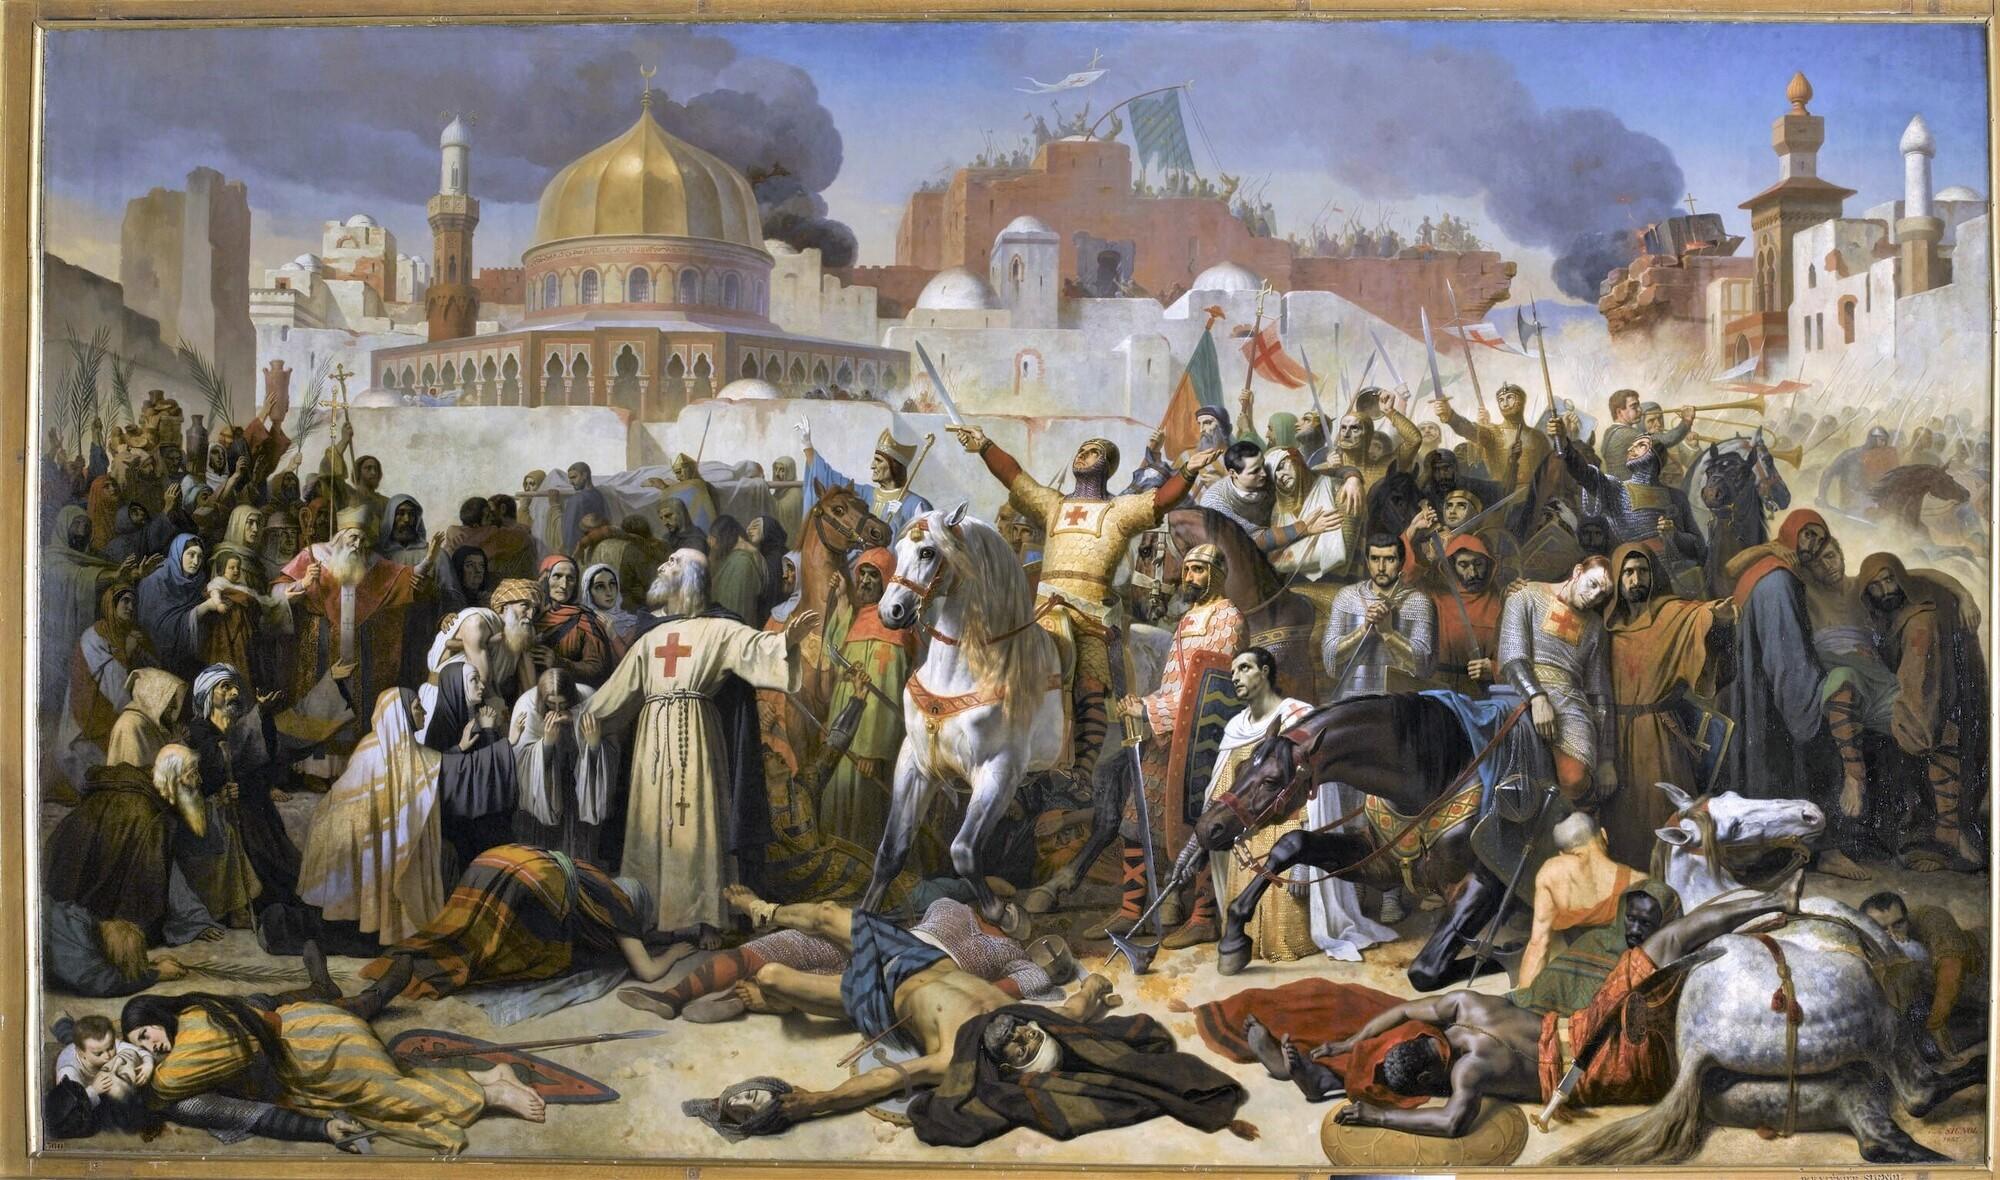 Prise de Jérusalem, 15 juillet 1099. Peintre : Émile Signol.